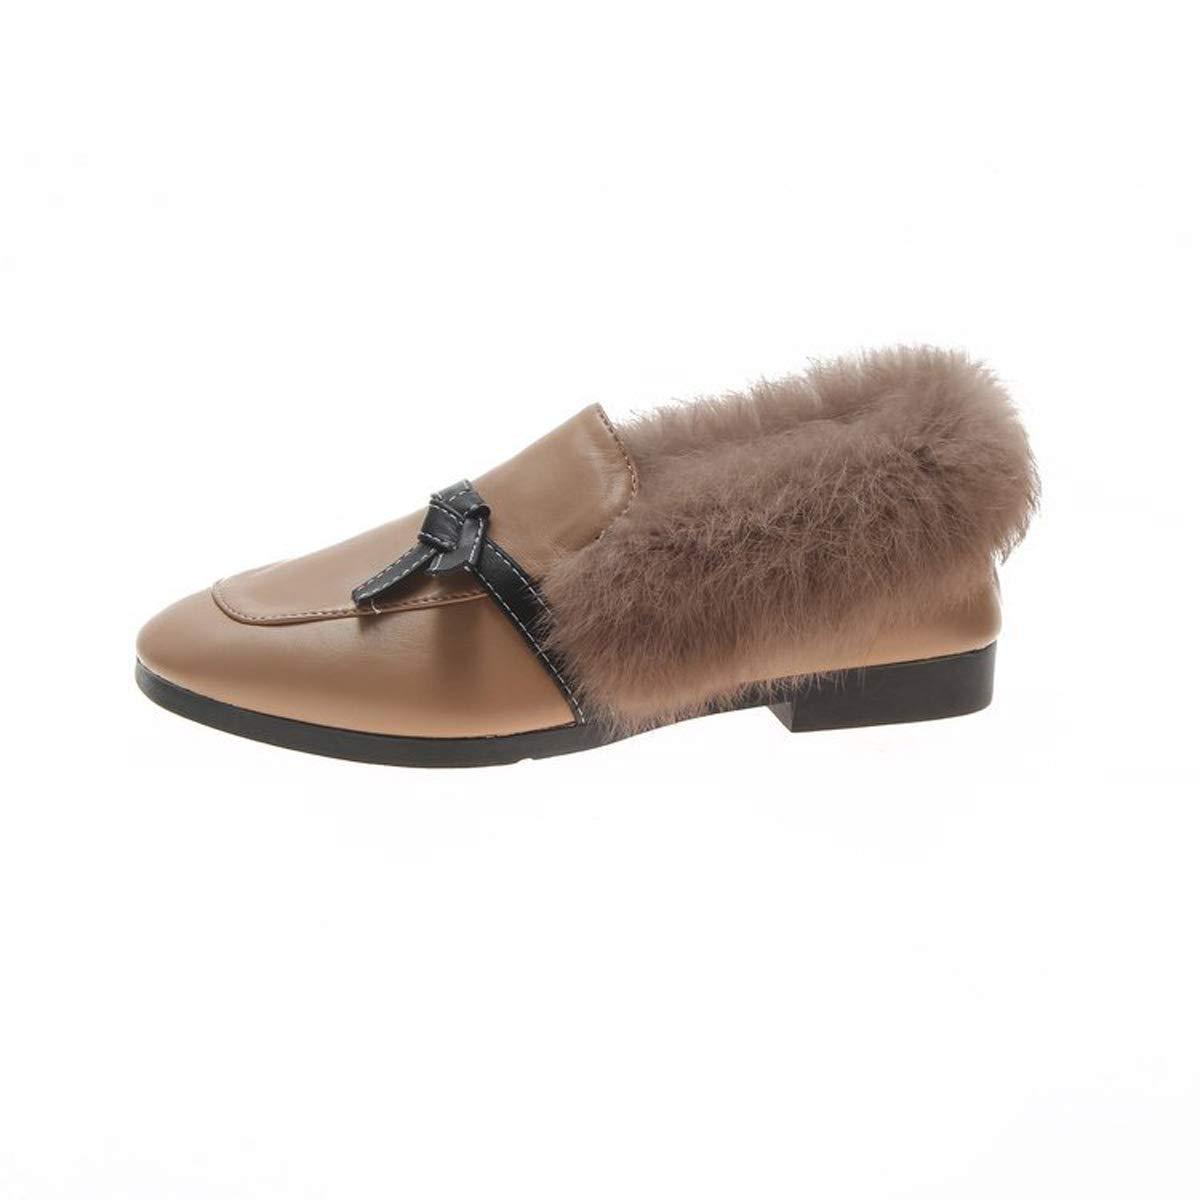 DANDANJIE Las Mujeres Mocasines Bloque De Tacón De Felpa Zapatos Sexy Moño Mocasines Zapatos Perezosos Al Aire Libre para Otoño Invierno: Amazon.es: ...